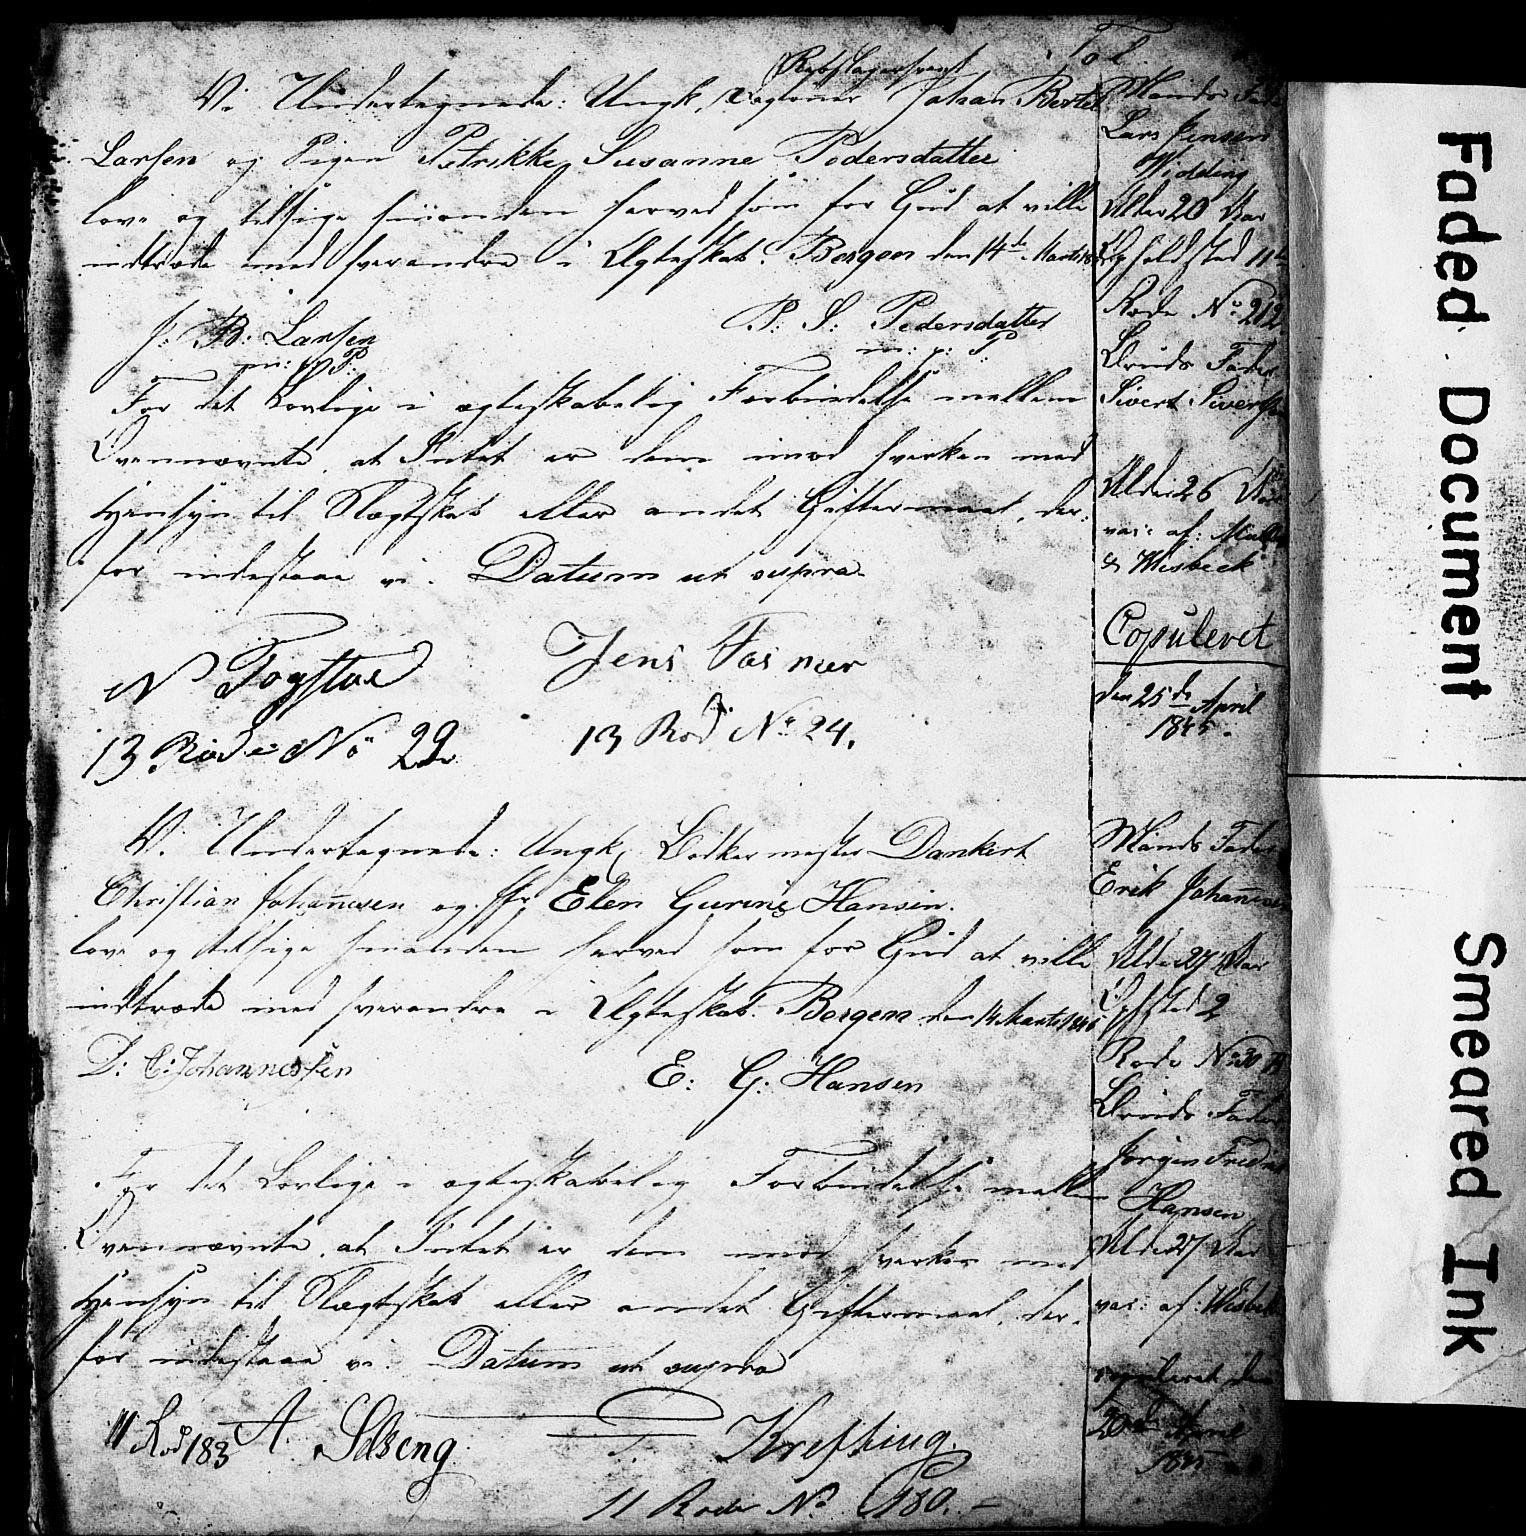 SAB, Domkirken Sokneprestembete, Forlovererklæringer nr. II.5.4, 1845-1852, s. 1